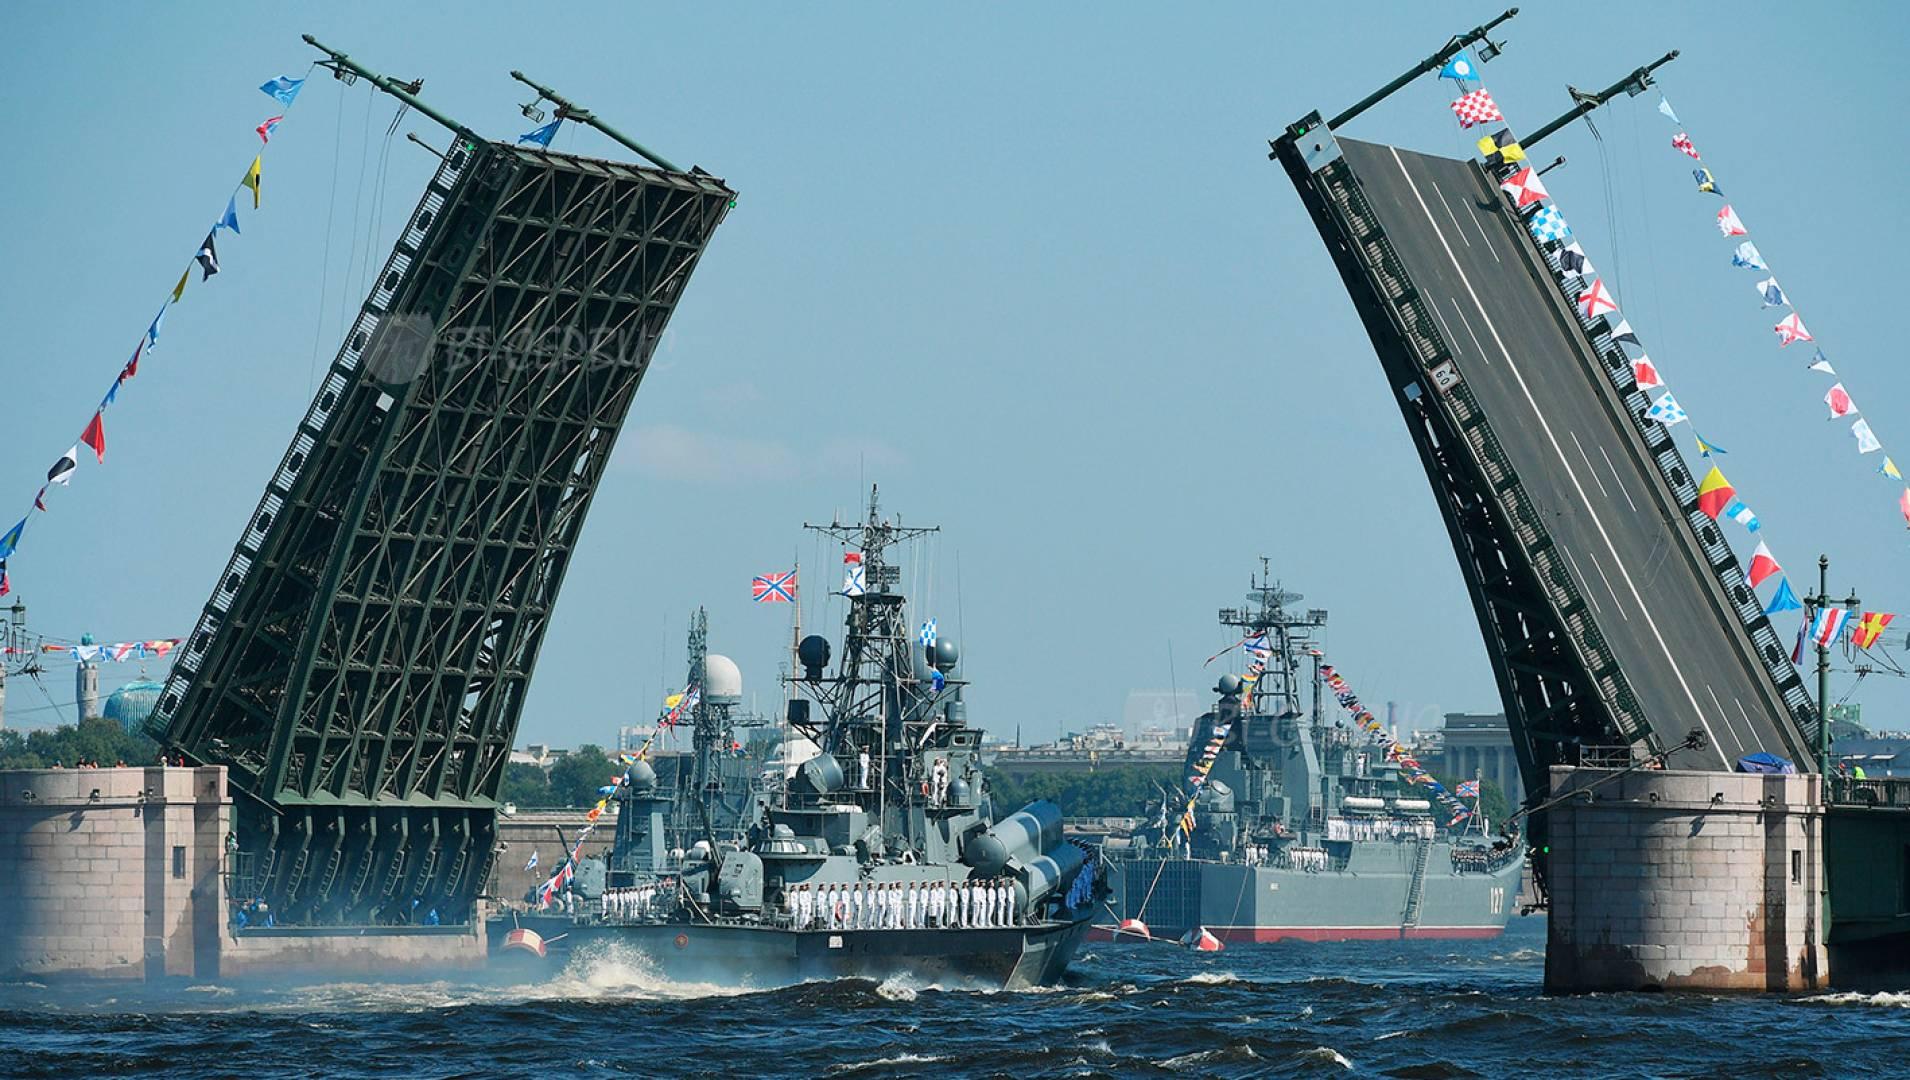 Торжественный парад ко Дню Военно-Морского Флота России - Программа